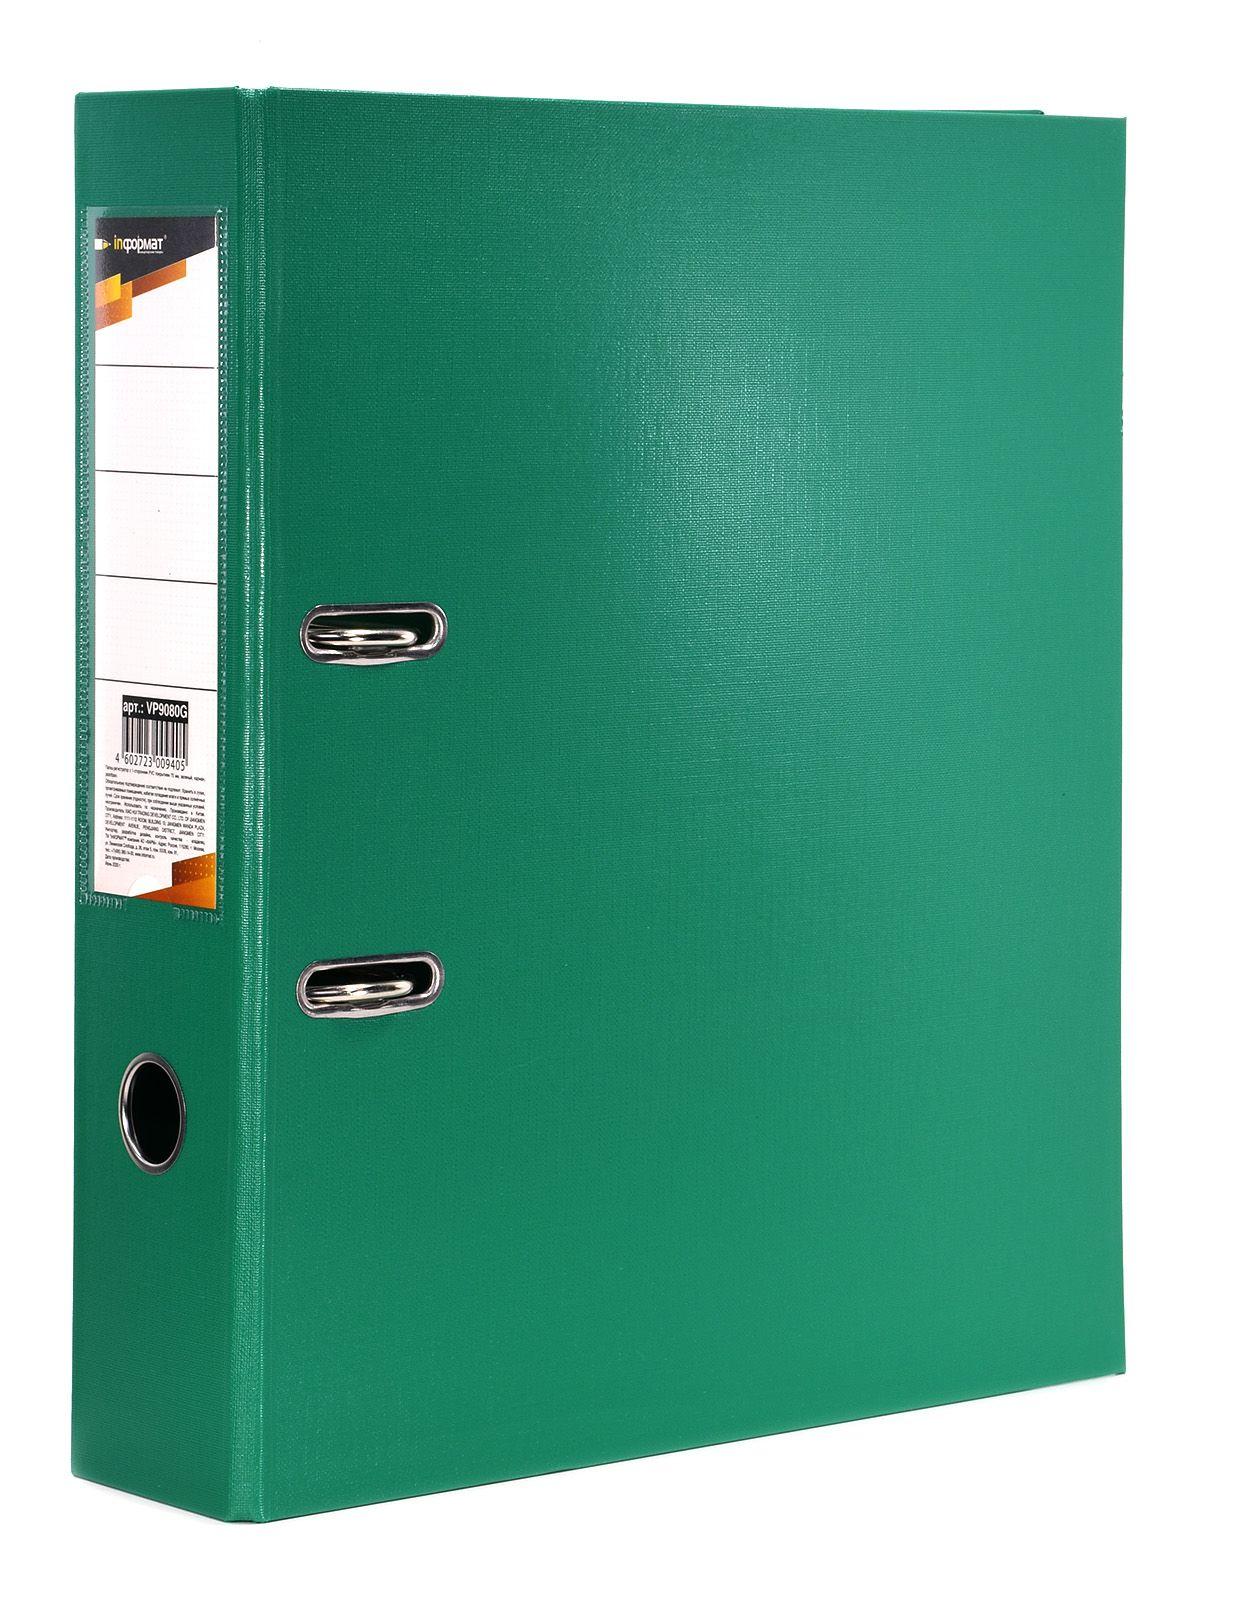 Папка-регистратор INFORMAT 75 мм одностороннее покрытие PVC, зеленая